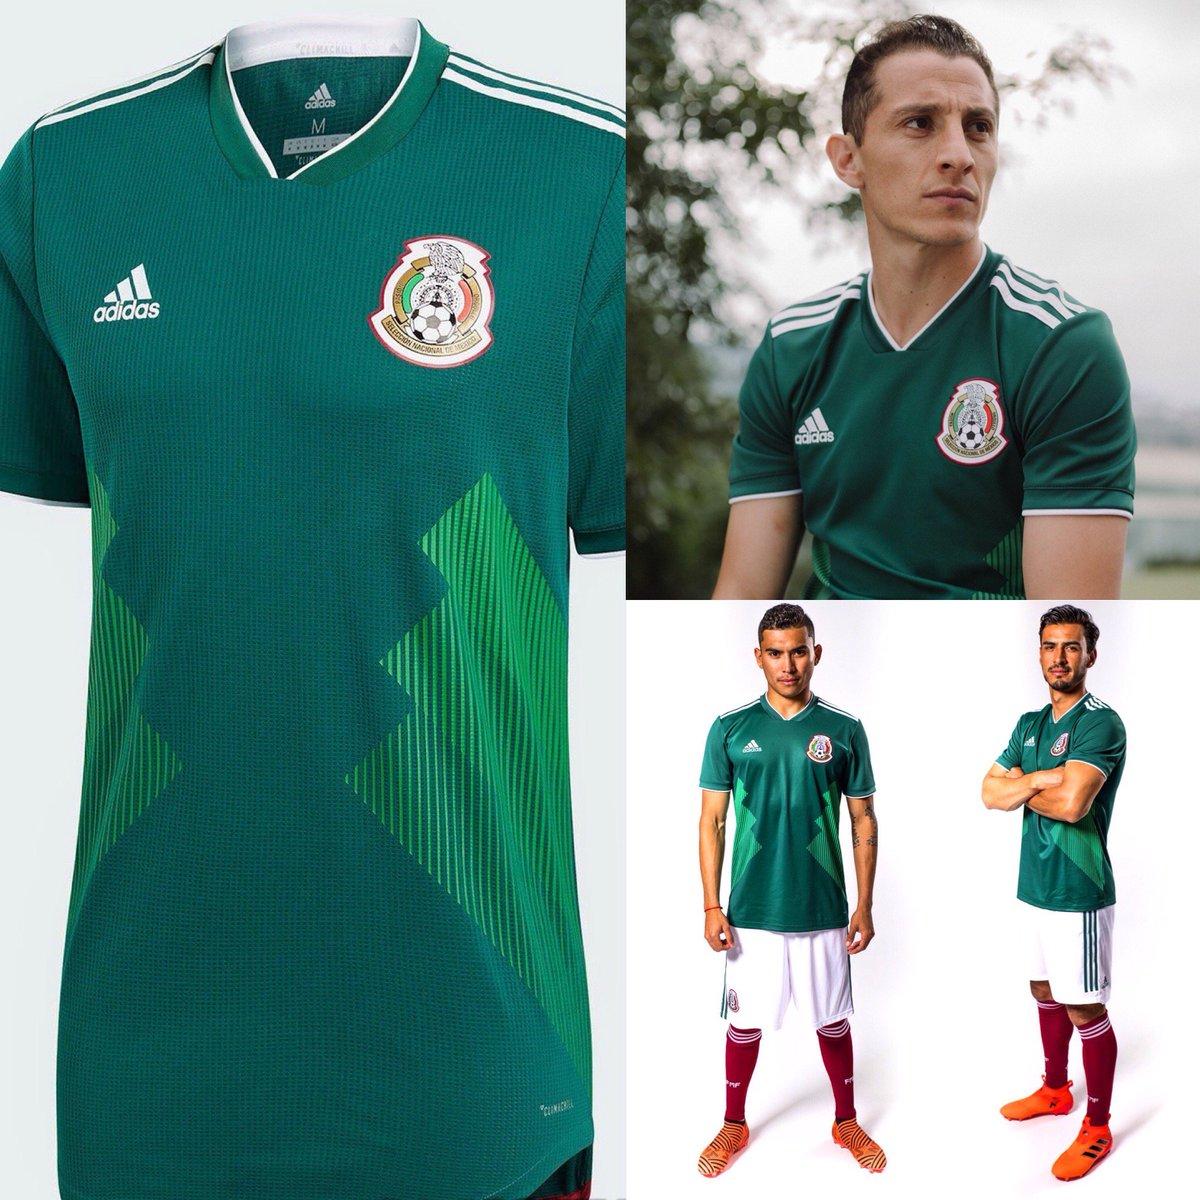 6db905a15e160 ... propia Selección Mexicana no se menciona su nombre  las instalaciones y  personas que son entrevistadas colaboran para la empresa ubicada en  Guanajuato.